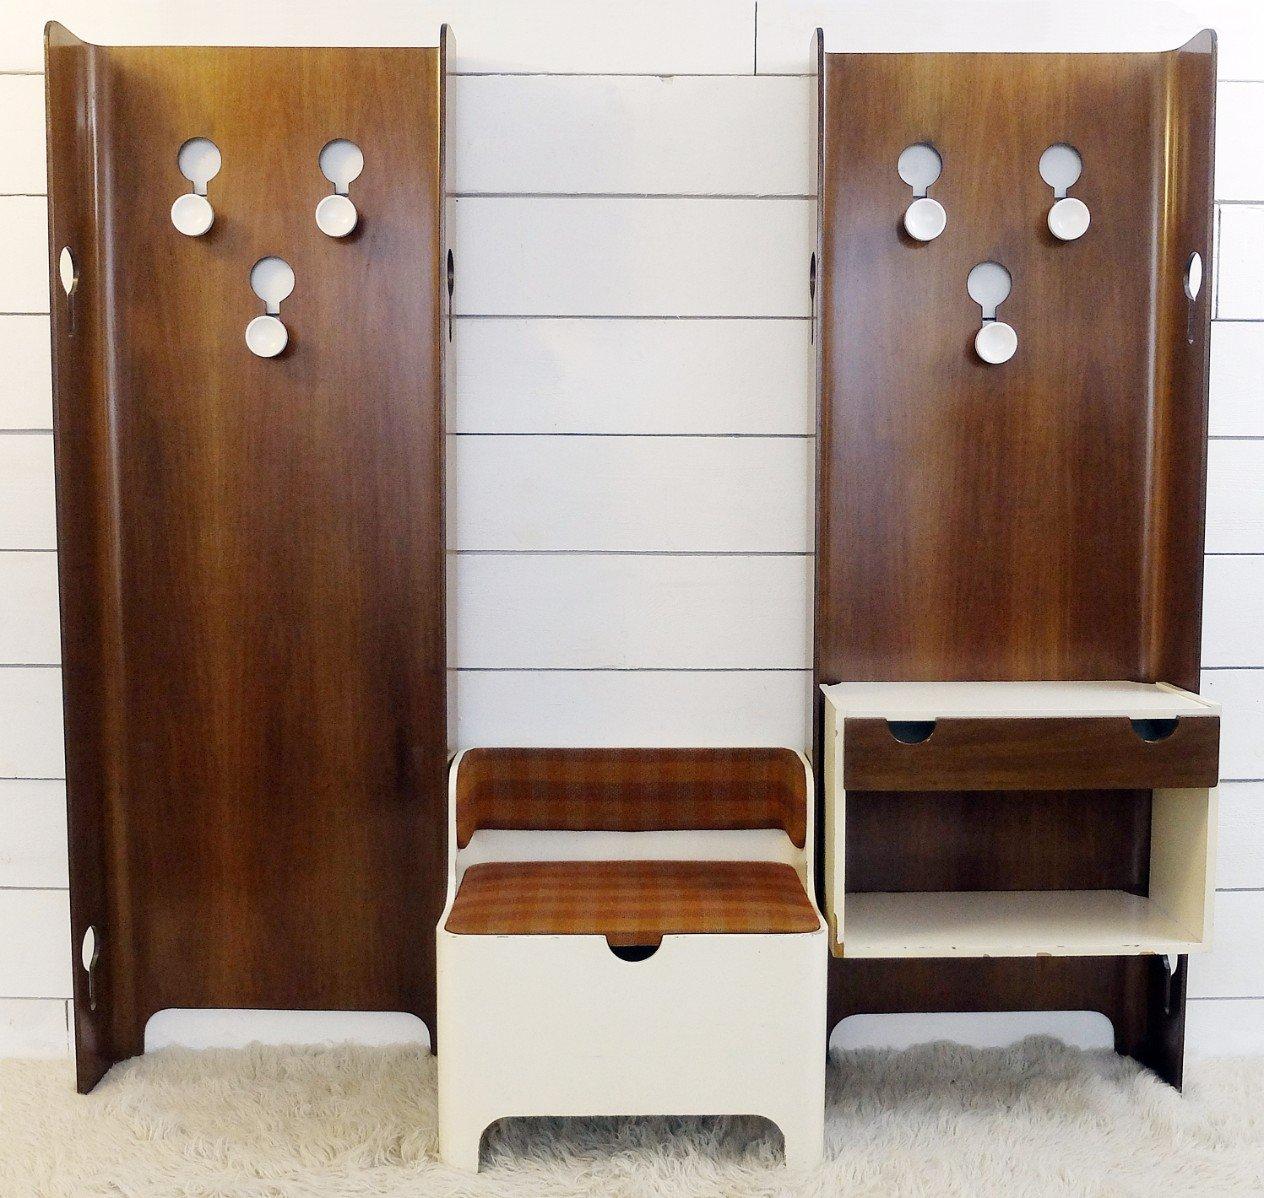 italienische vintage garderobe mit bank und stauraum von fiarm bei pamono kaufen. Black Bedroom Furniture Sets. Home Design Ideas